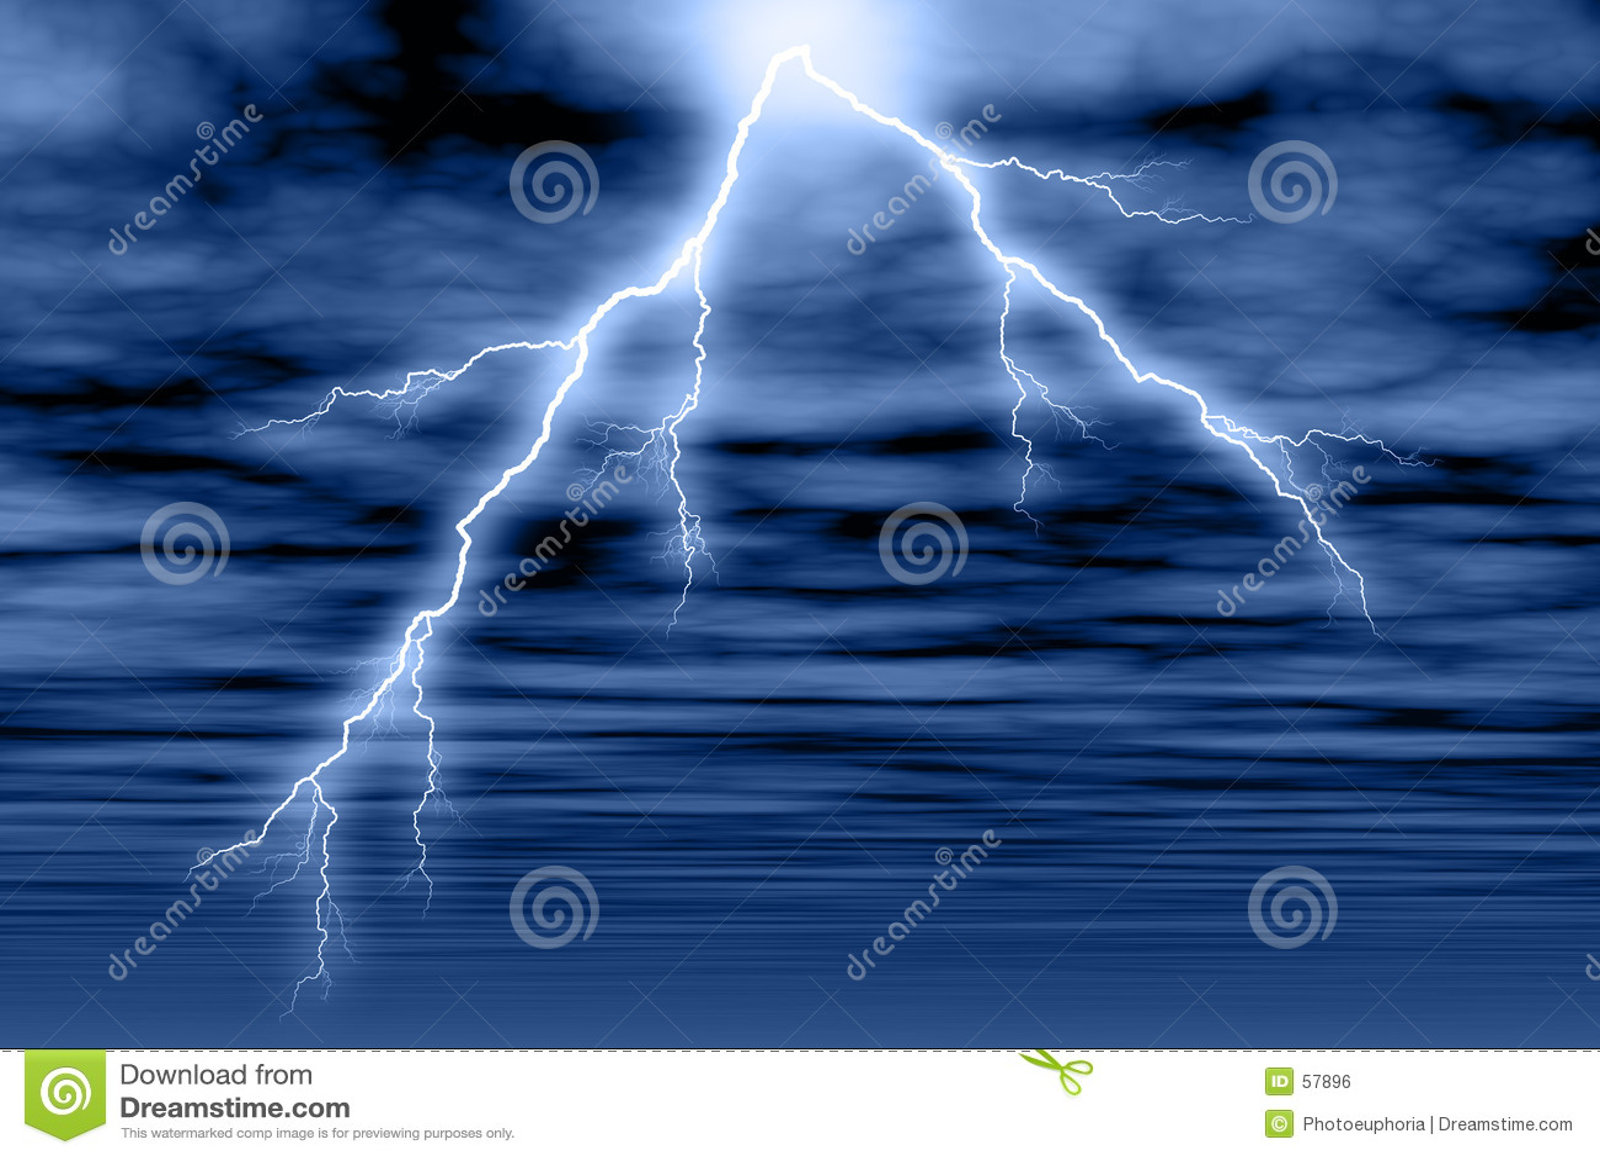 Cloud blixtstormen